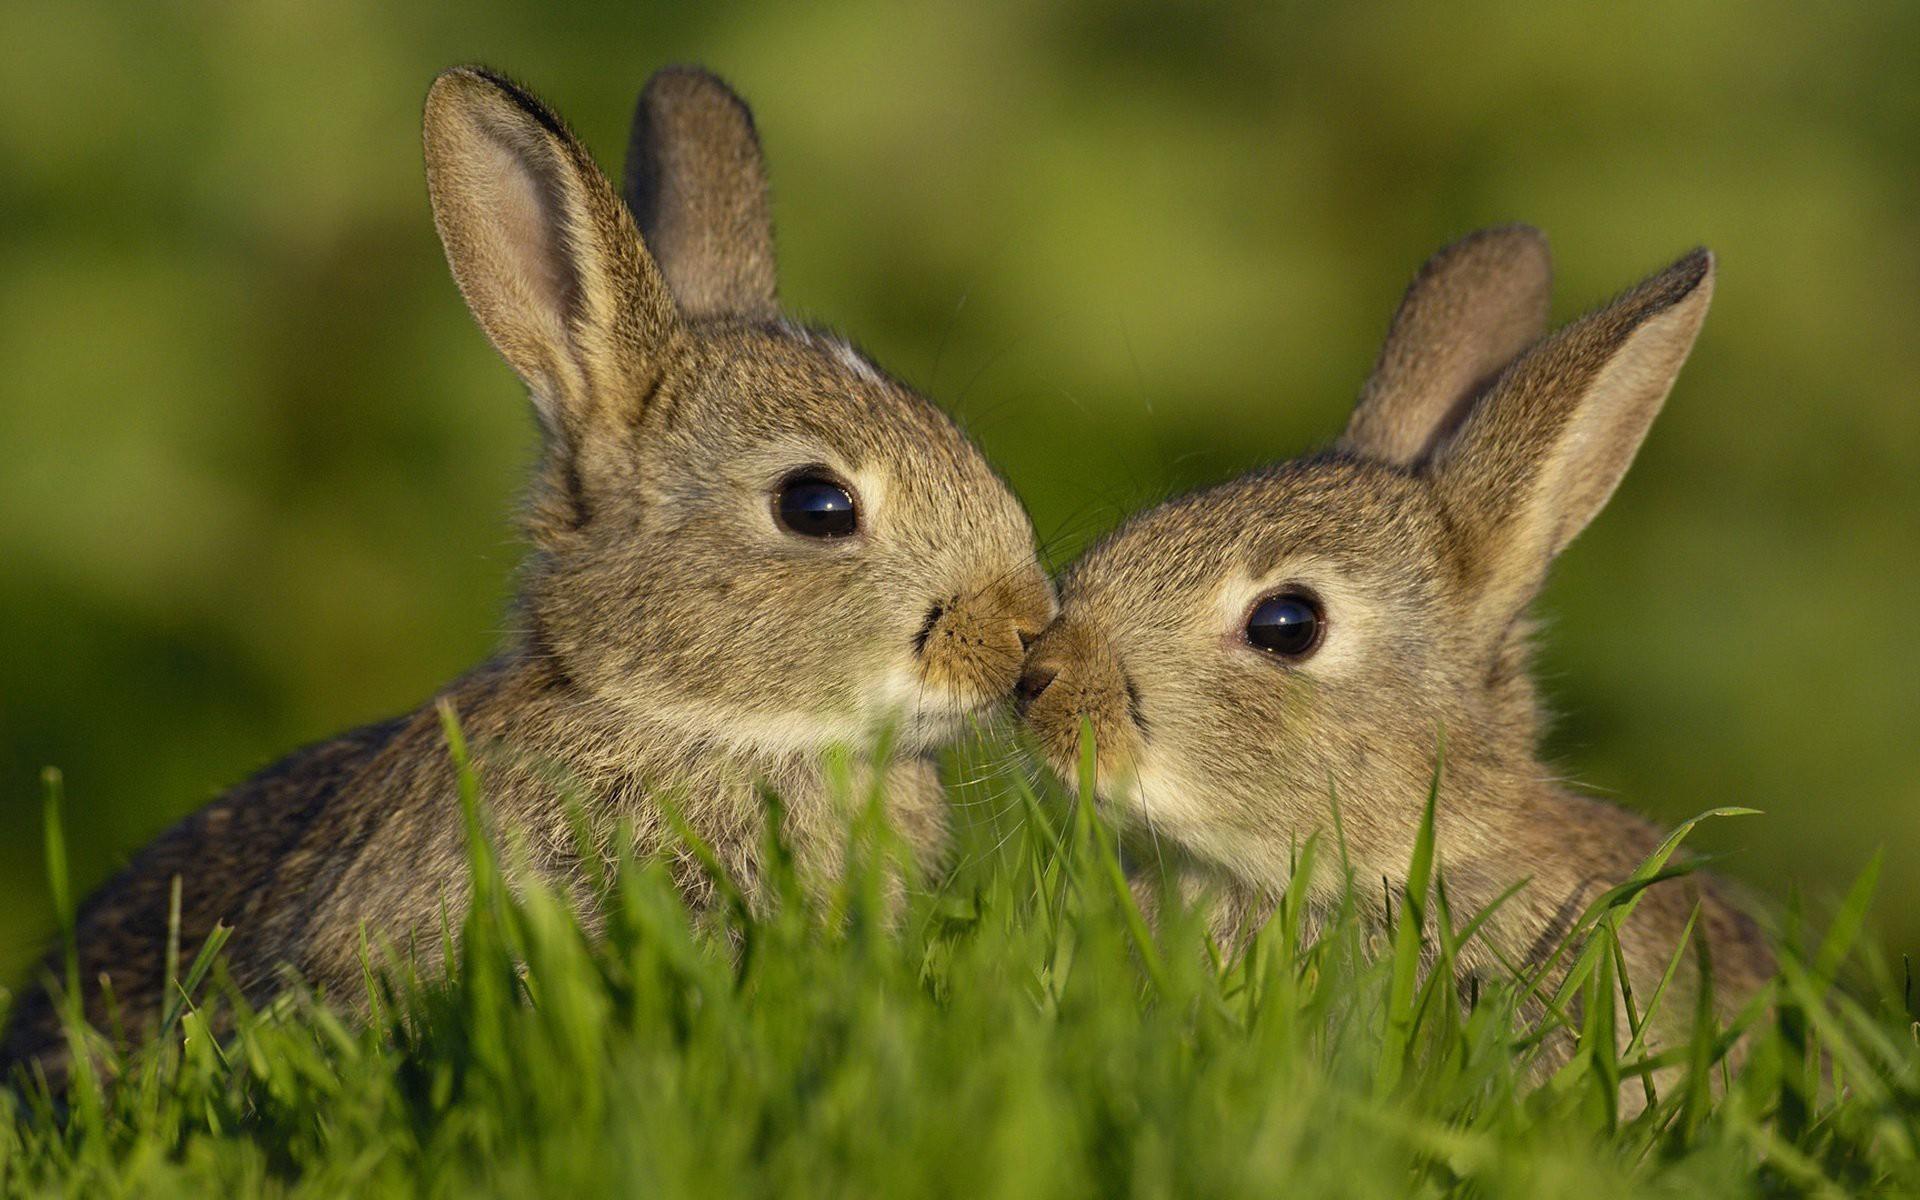 с красивые картинки зайцем